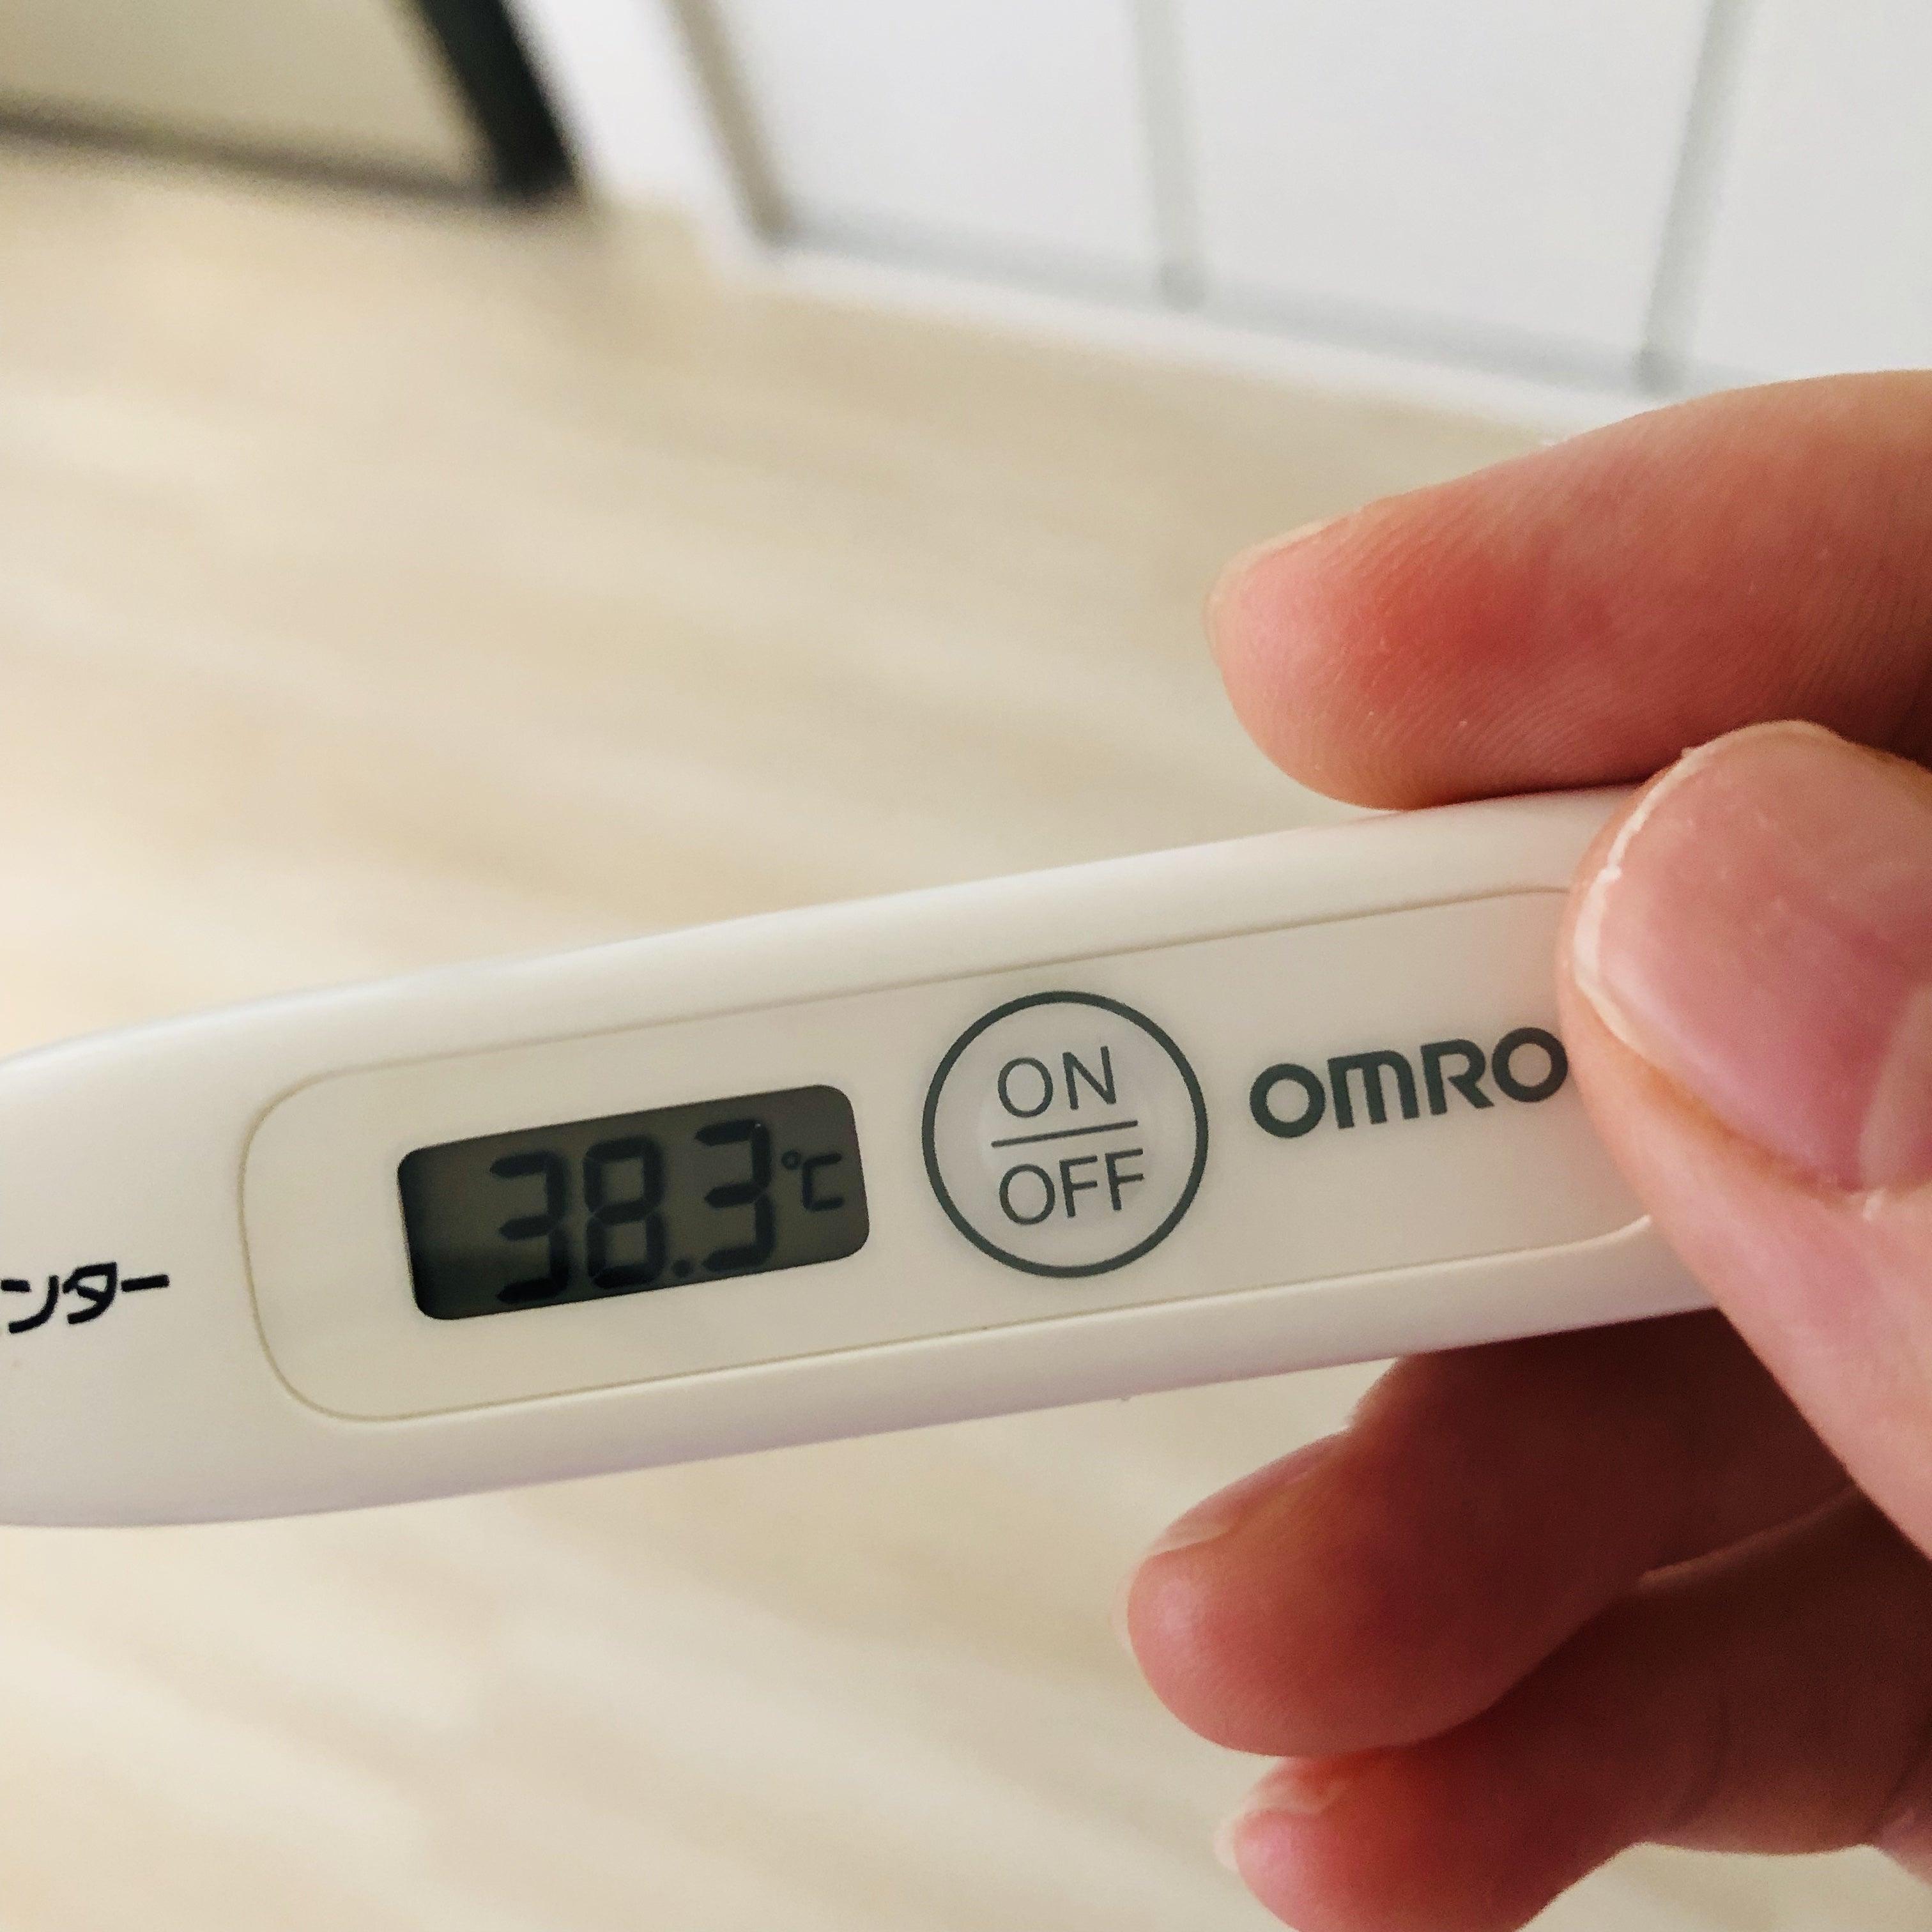 産後 熱 38 度